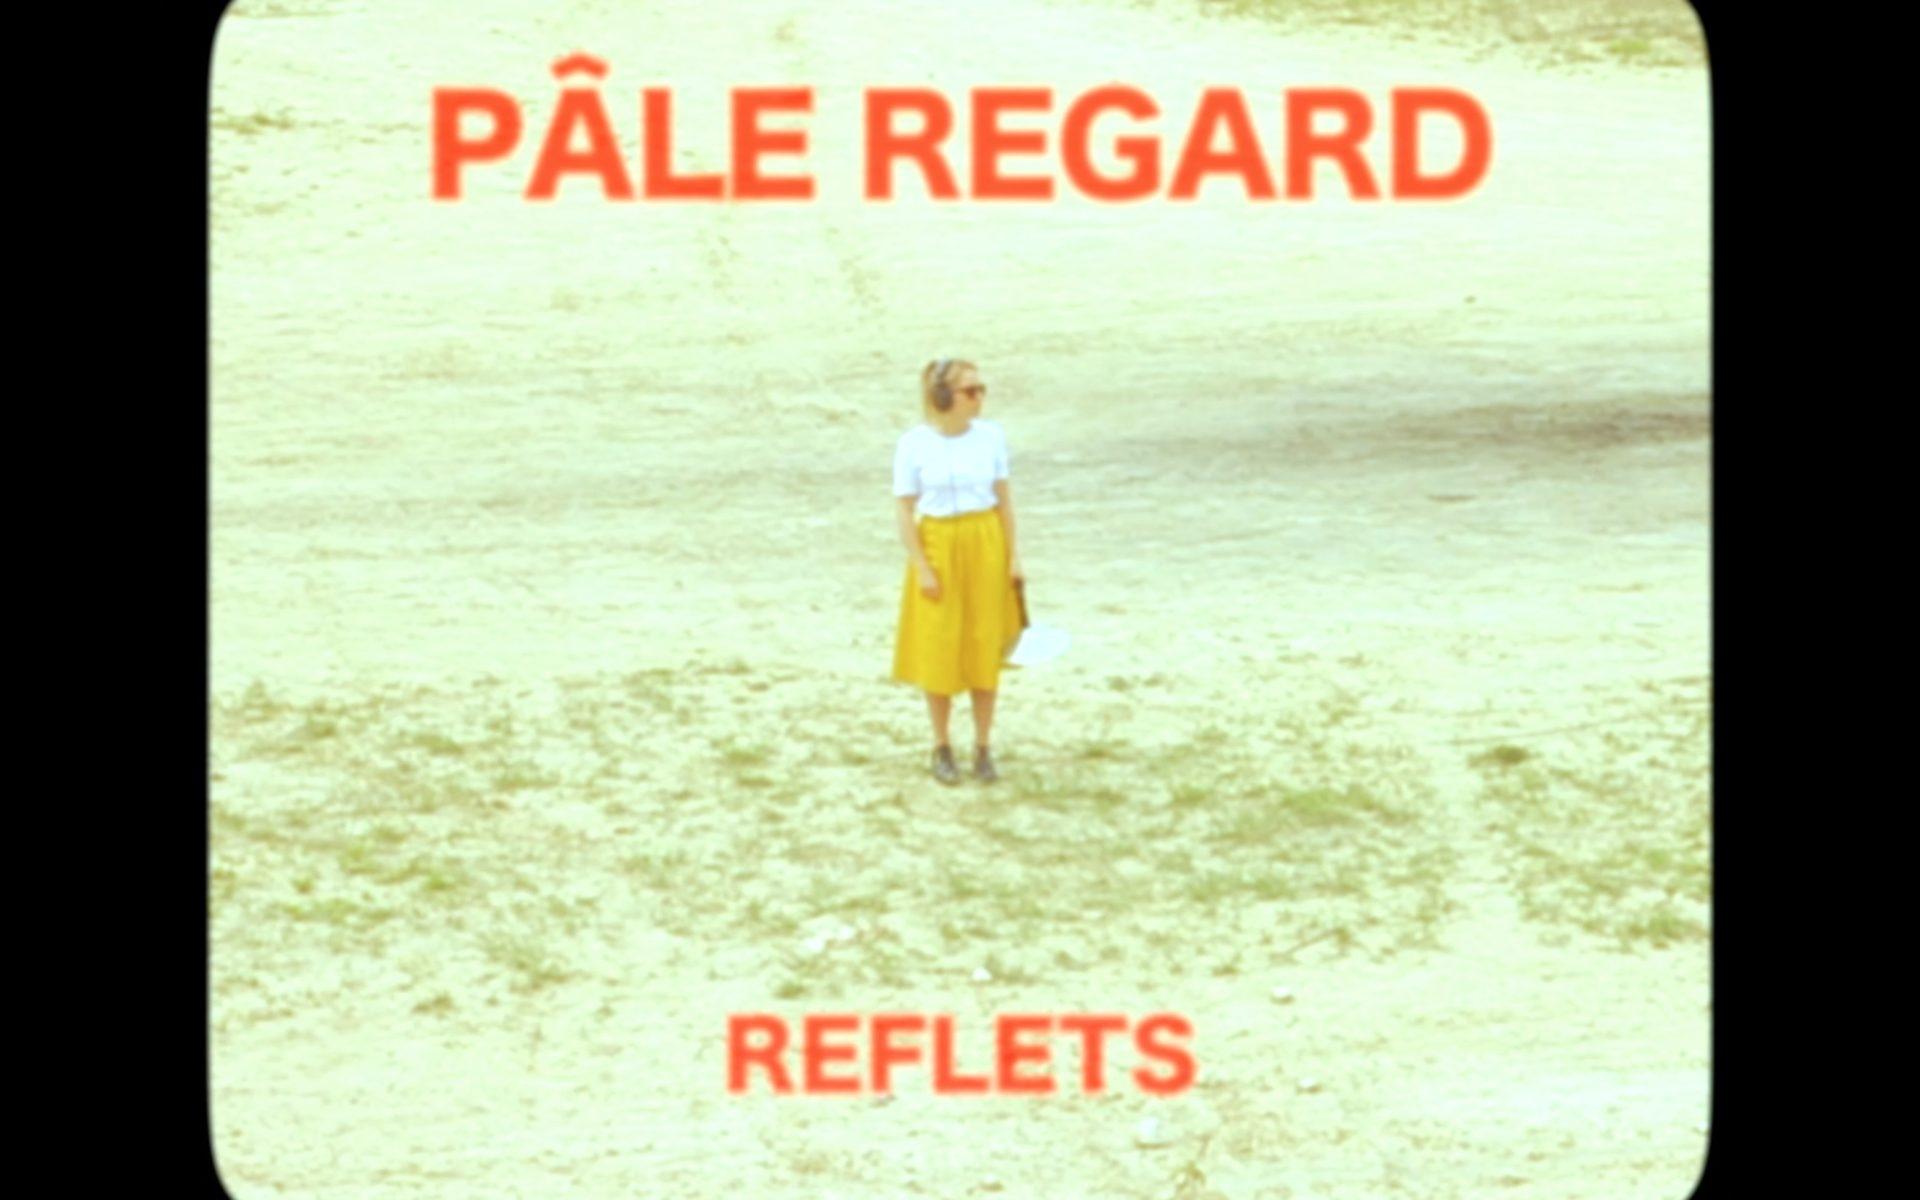 © pâle regard